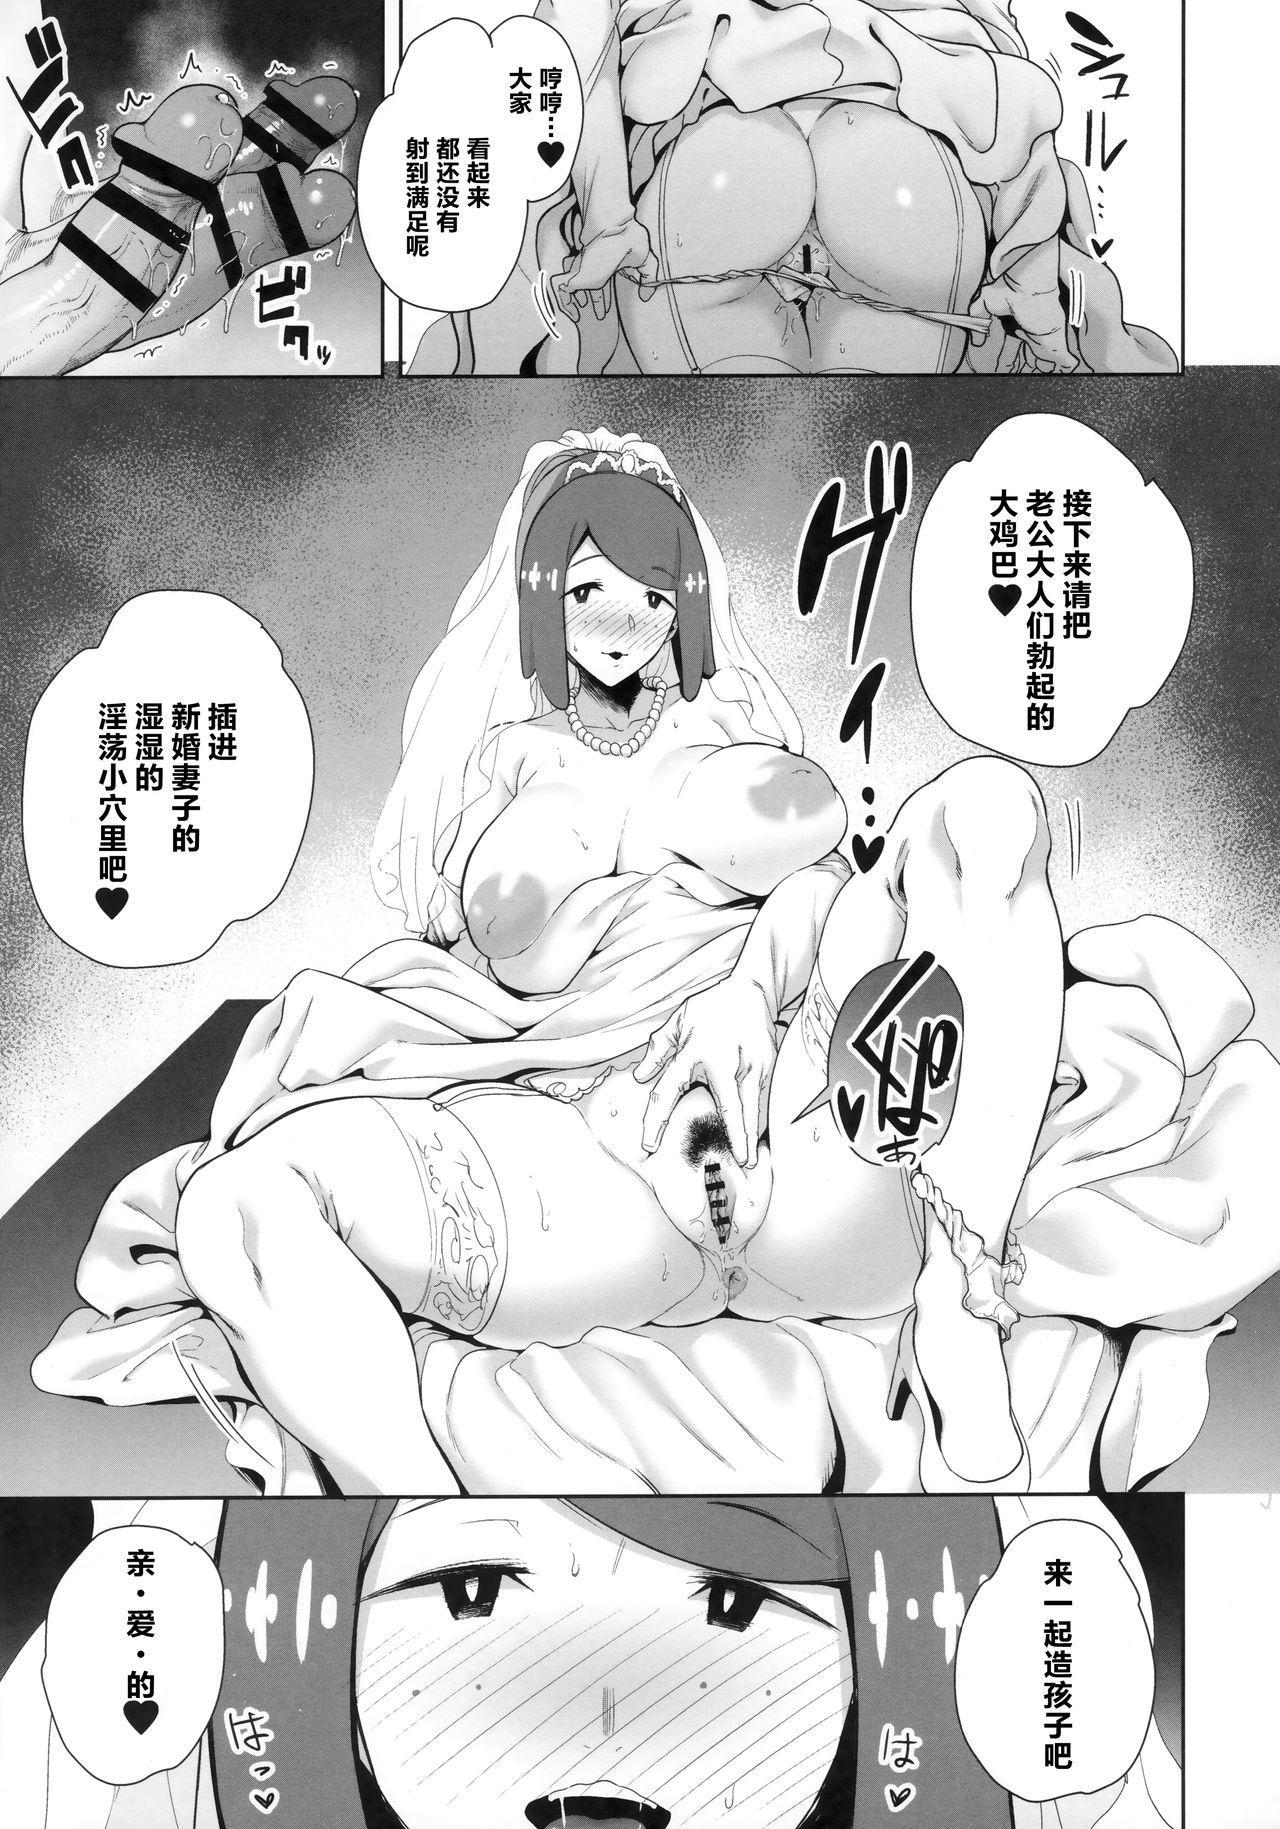 Alola no Yoru no Sugata 6 12